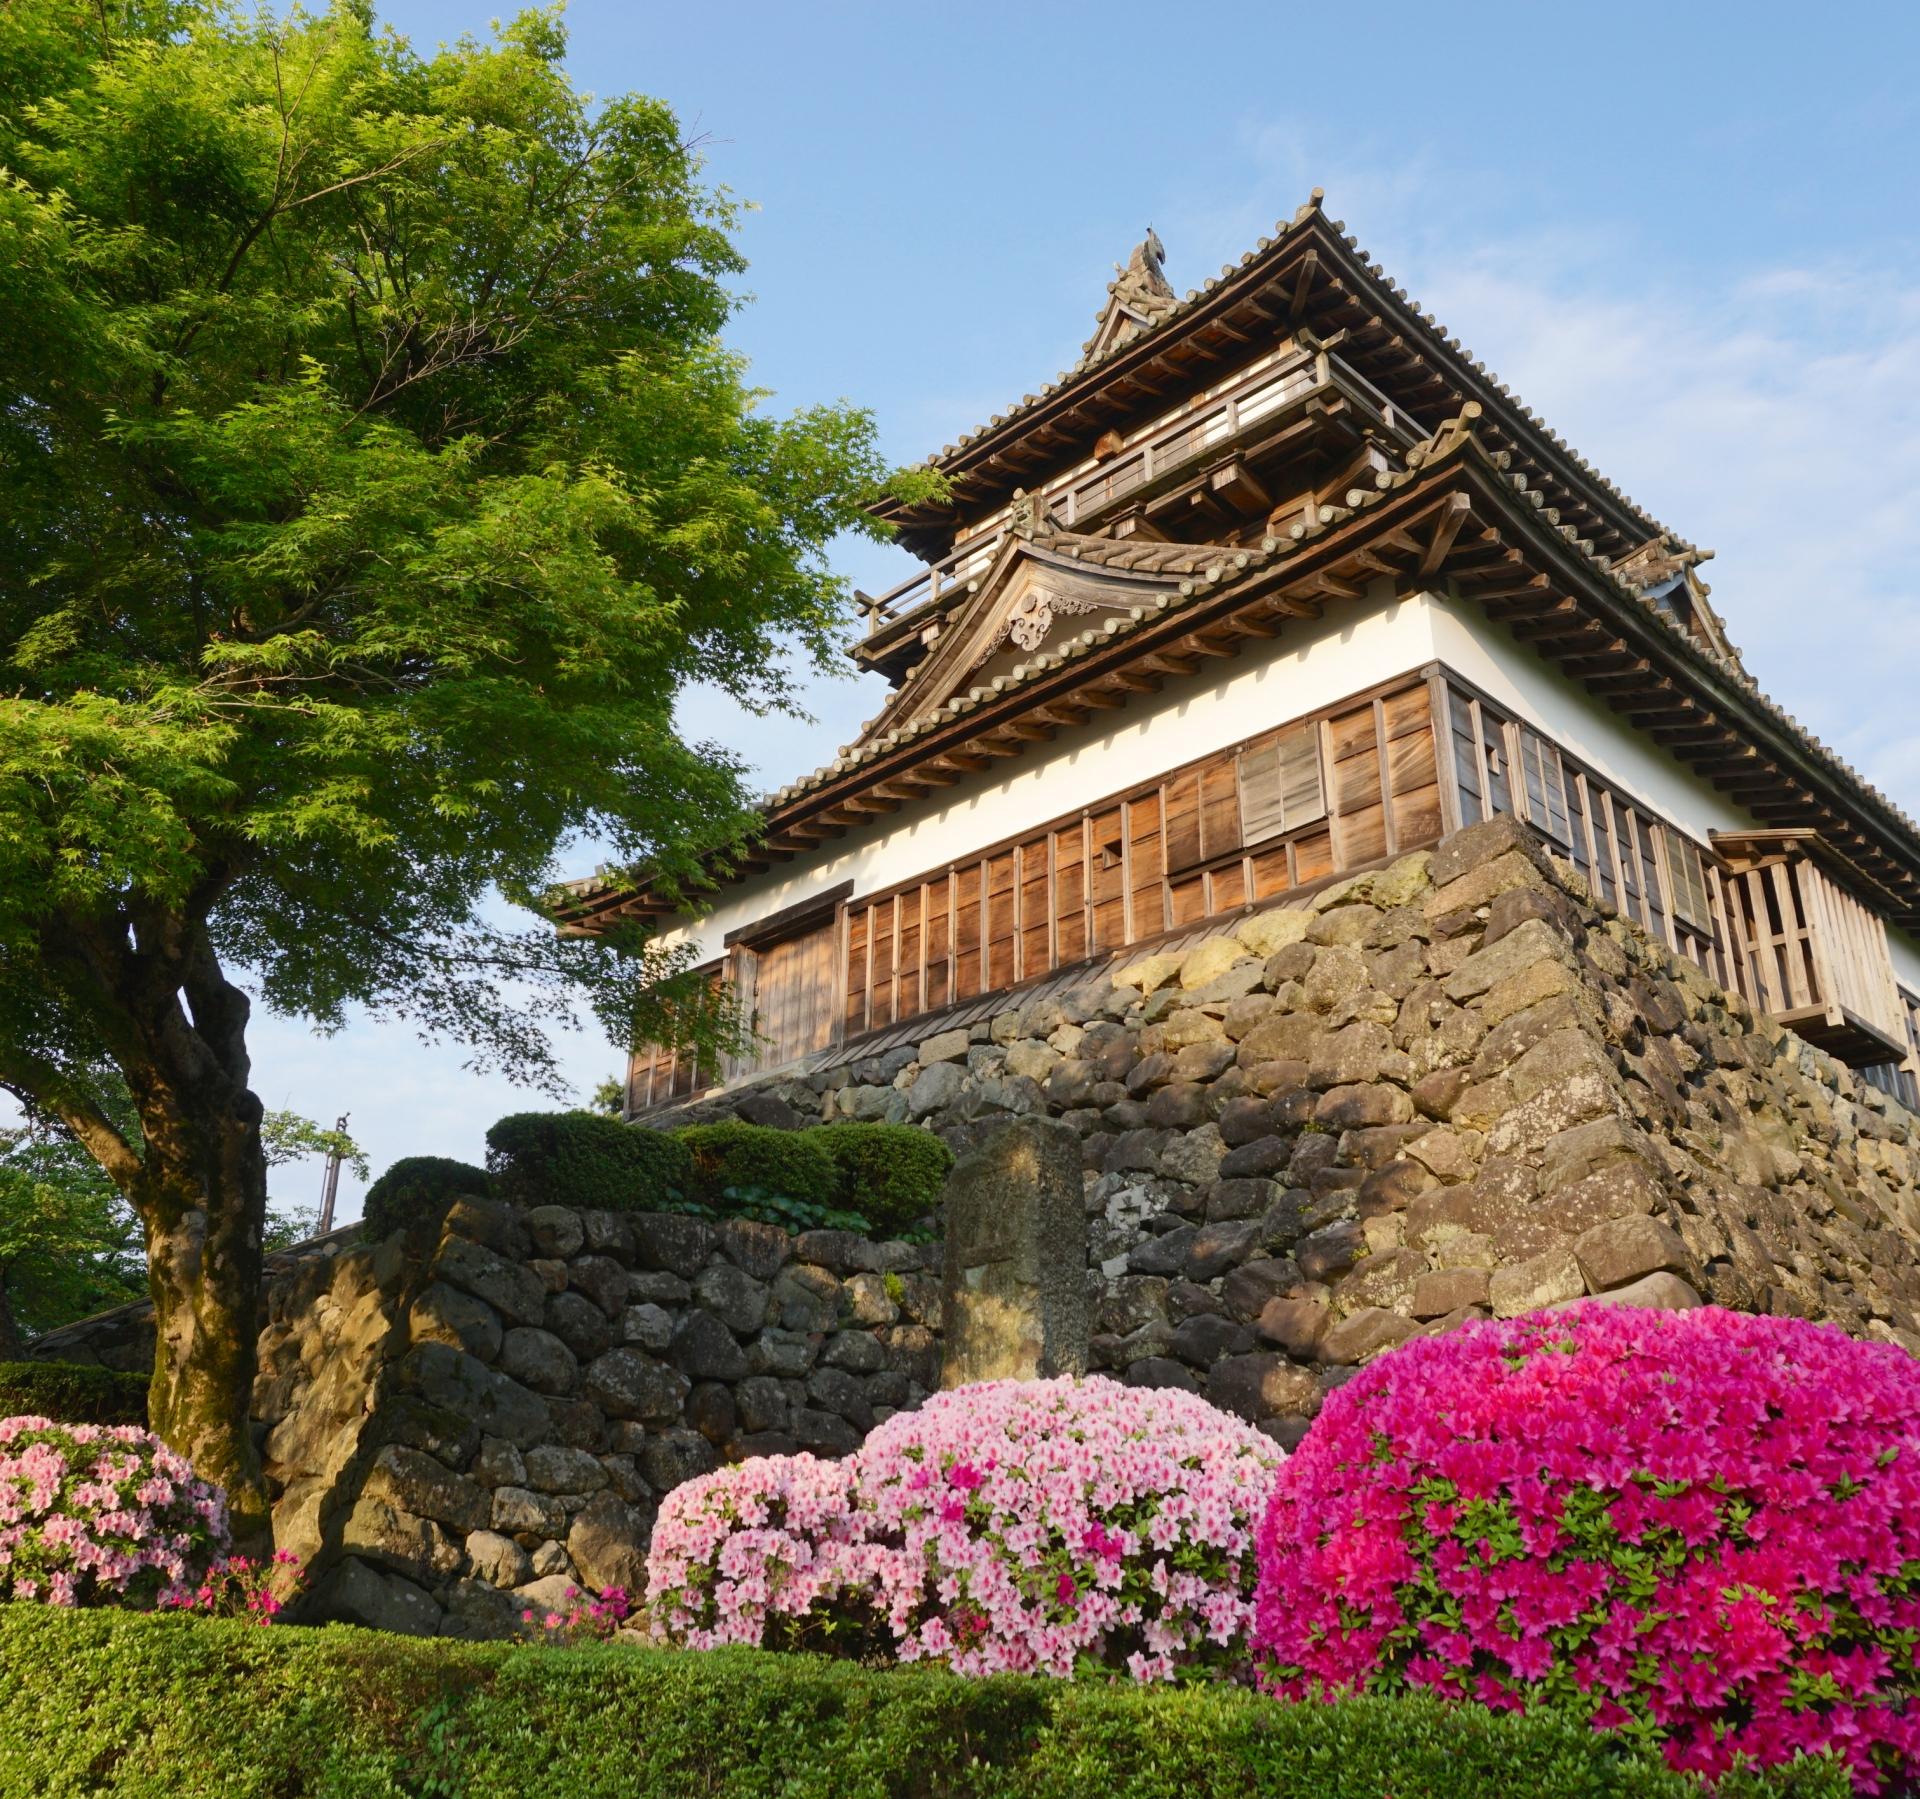 丸岡城に行ってみよう!アクセス情報や料金に見どころもご紹介!